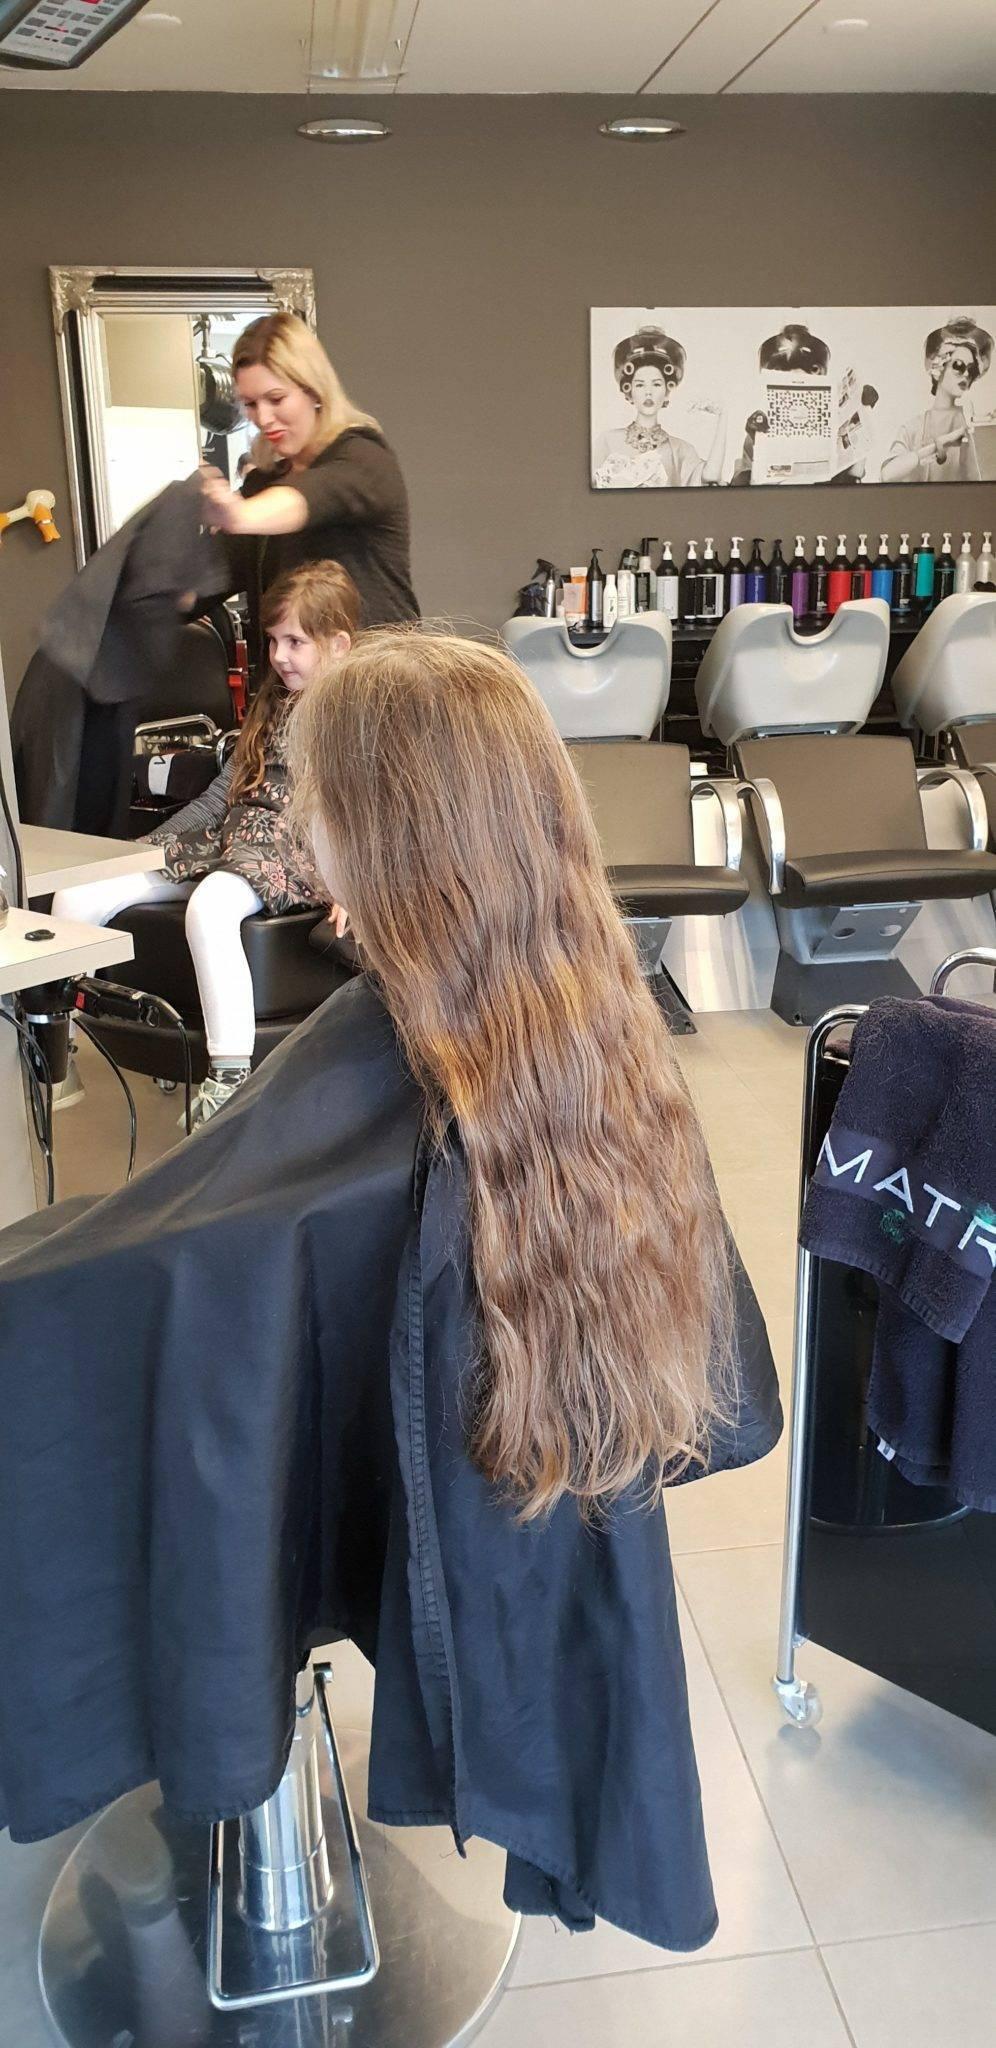 Verrassend Haar doneren en kachel aansluiten | de Grebbestee VJ-74